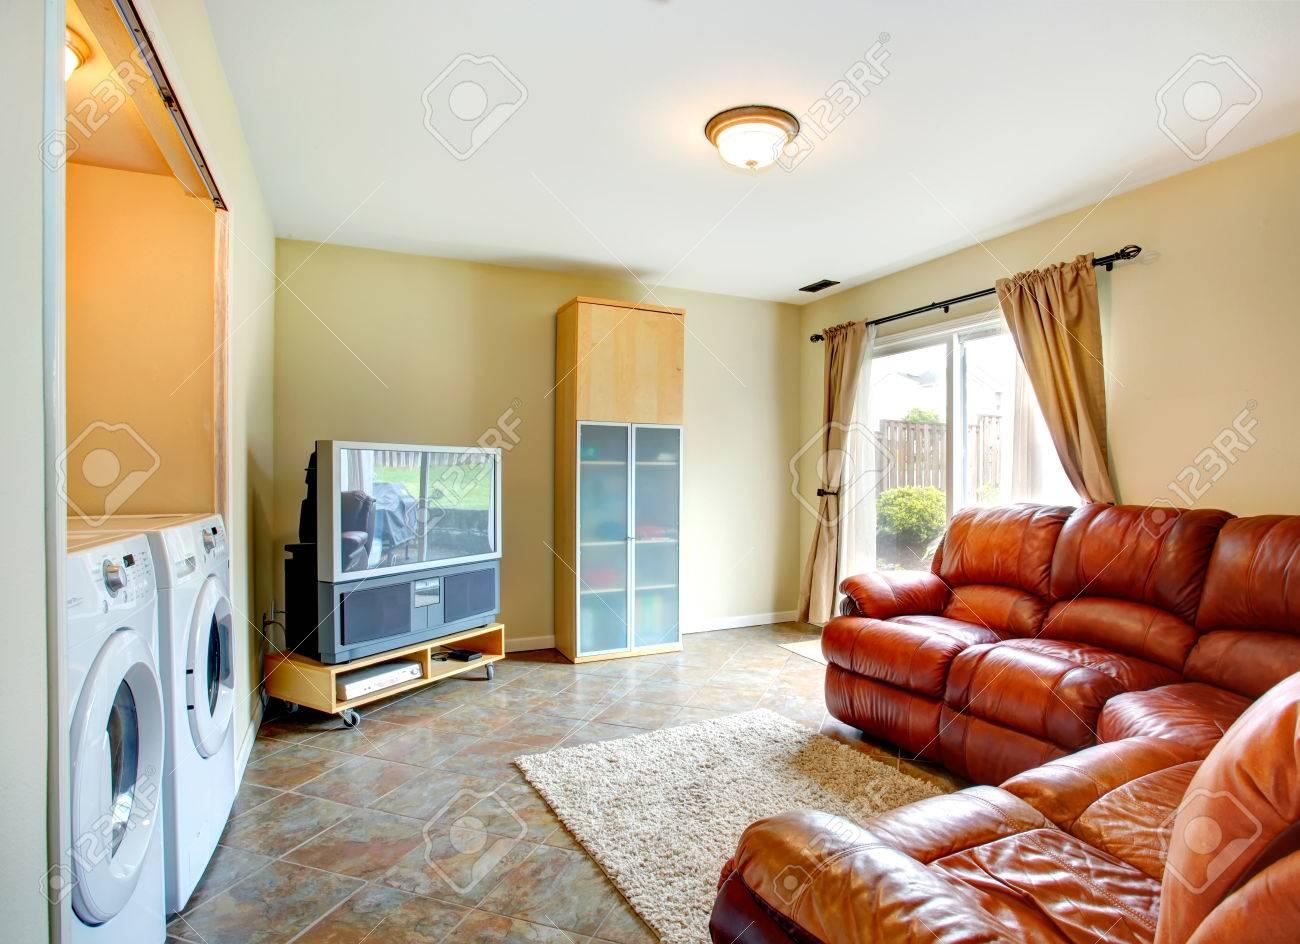 lumineux petit salon avec canape en cuir brun tv et armoire chambre a un haut buanderie avec lave linge et seche linge banque d images et photos libres de droits image 27594141